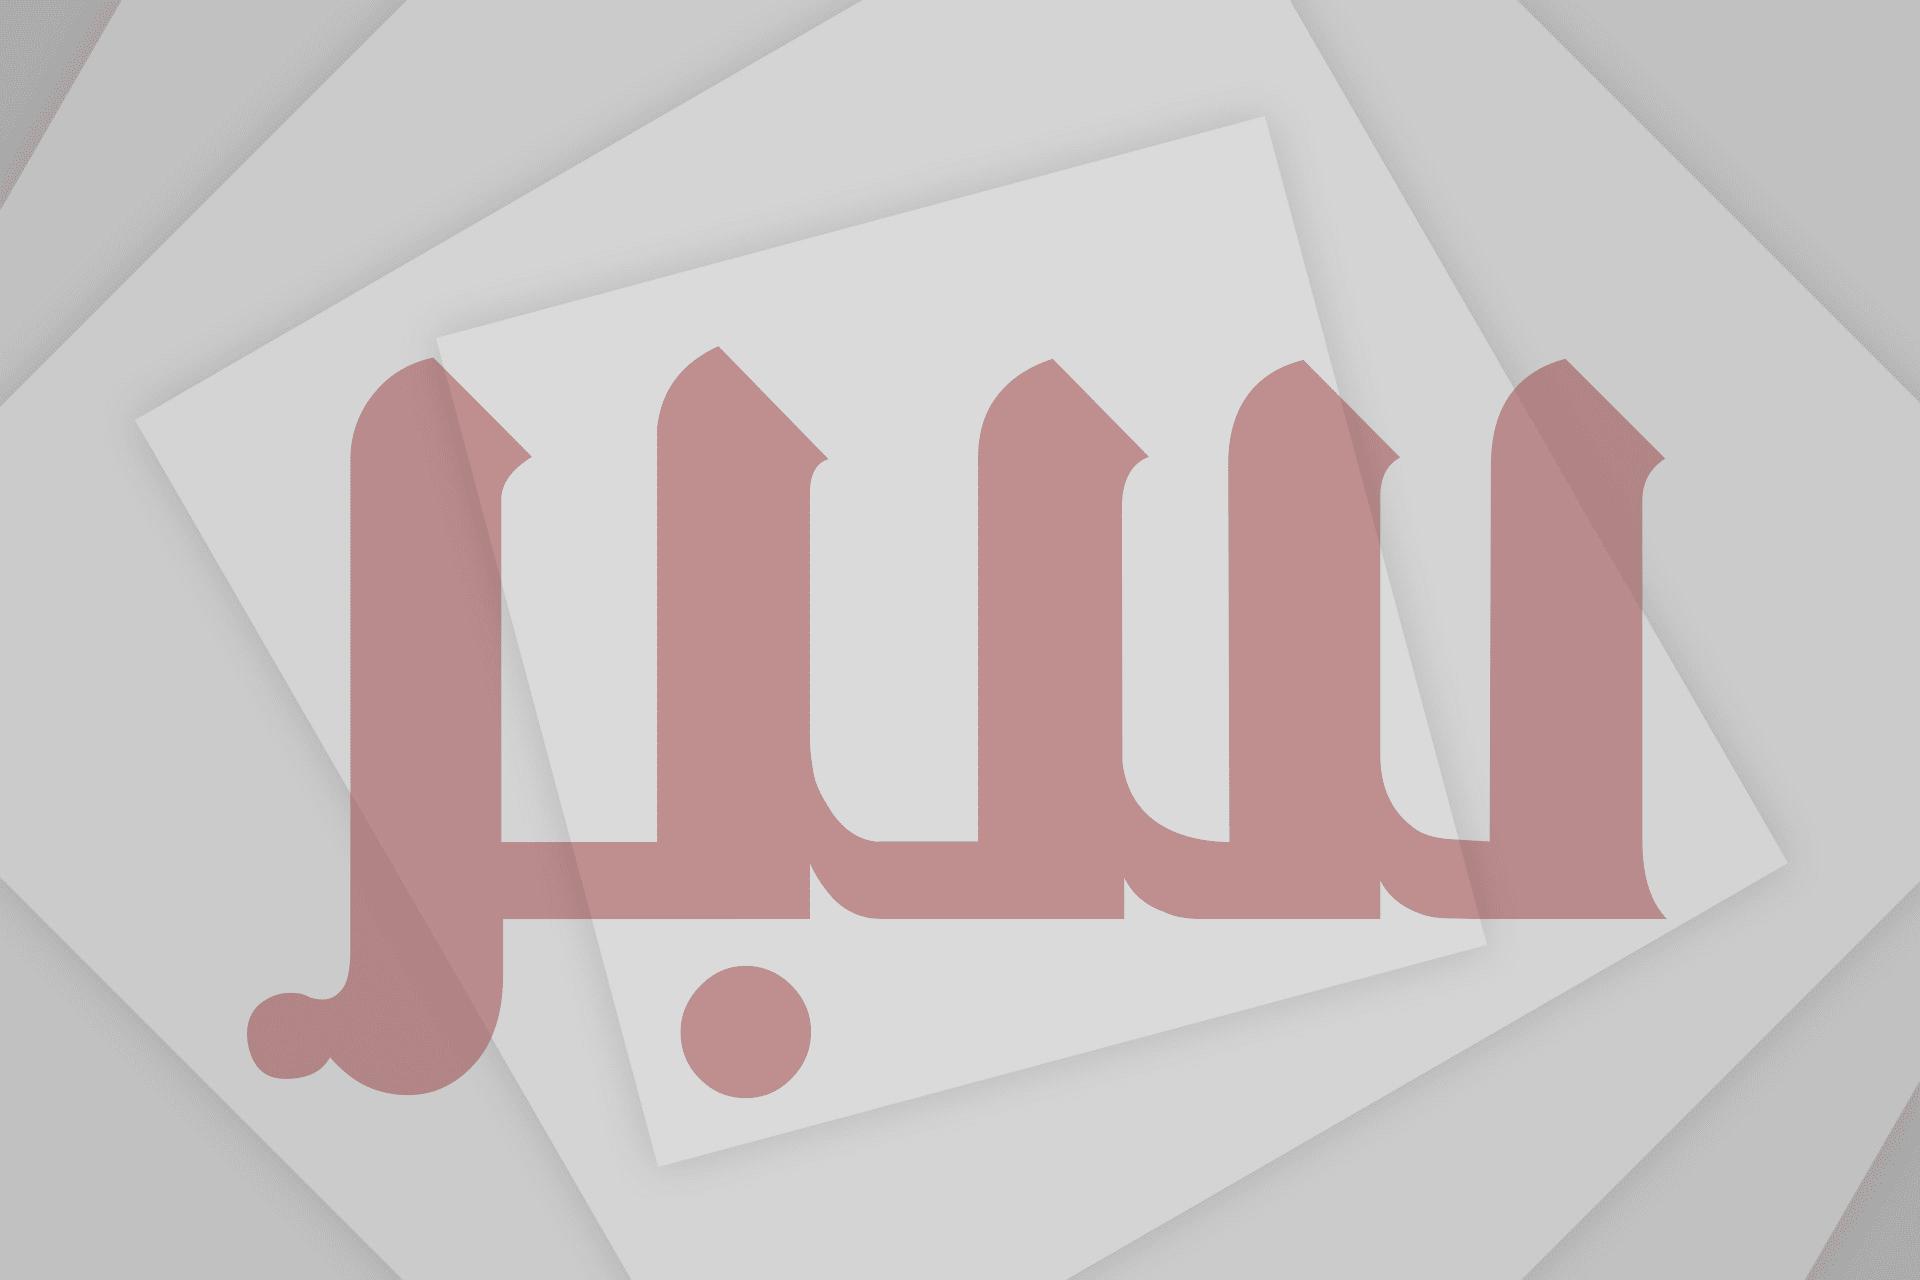 جريدة سبر الإلكترونية